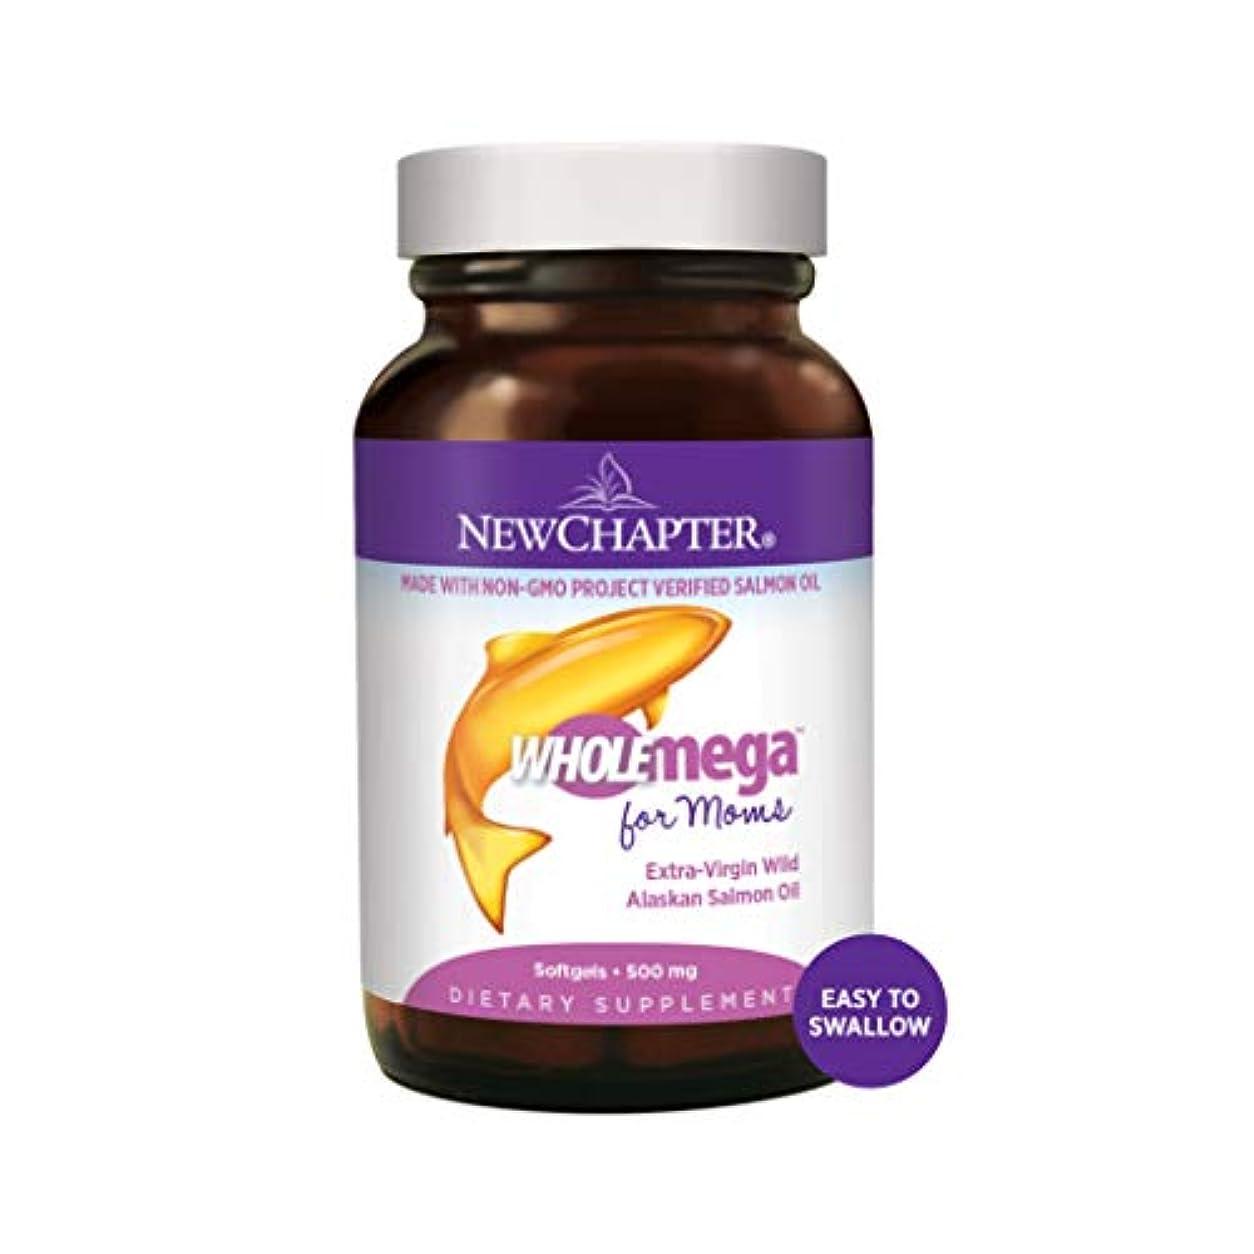 レイア医薬品輪郭【妊婦さん用フィッシュオイル】New Chapter社 - Wholemega Prenatal 500 mg - 90 Softgels  ~海外直送品~